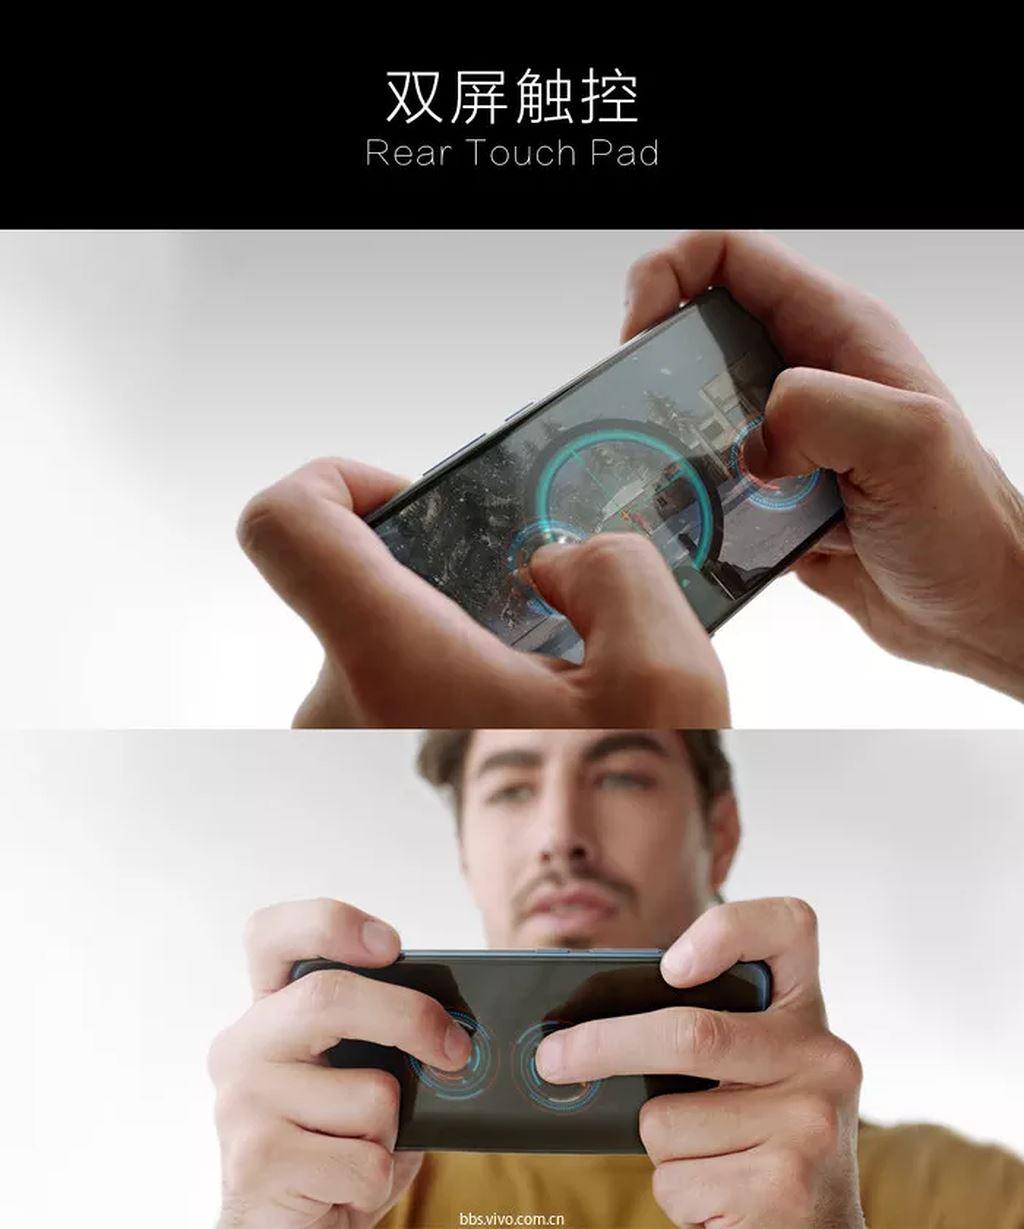 Vivo NEX 2 ra mắt: 2 màn hình, mở khóa khuôn mặt tốt hơn Apple, 10GB RAM, giá 722 USD ảnh 5